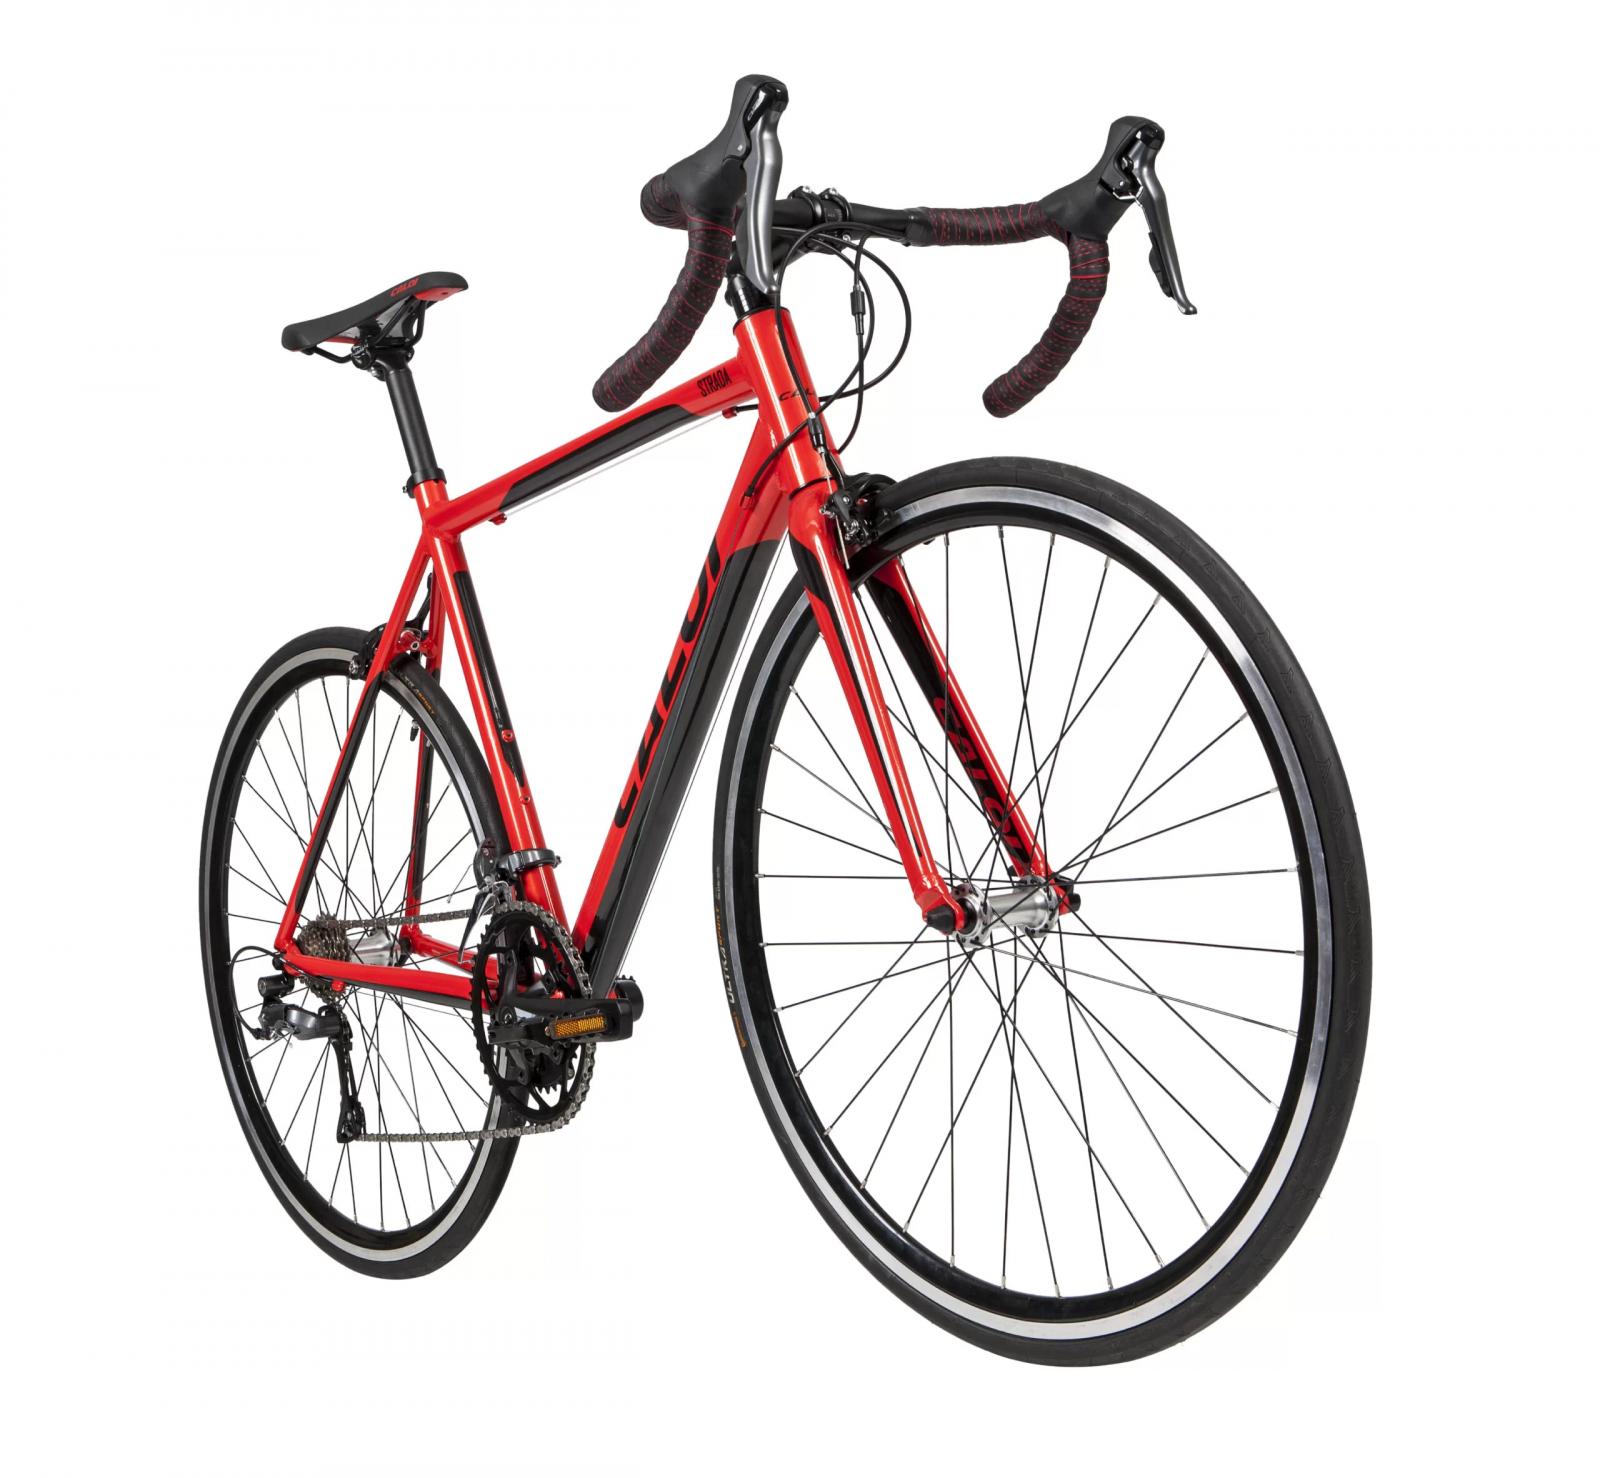 BICICLETA CALOI STRADA SPEED ARO 700 - TAM 54 (M) - Cicles Jahn